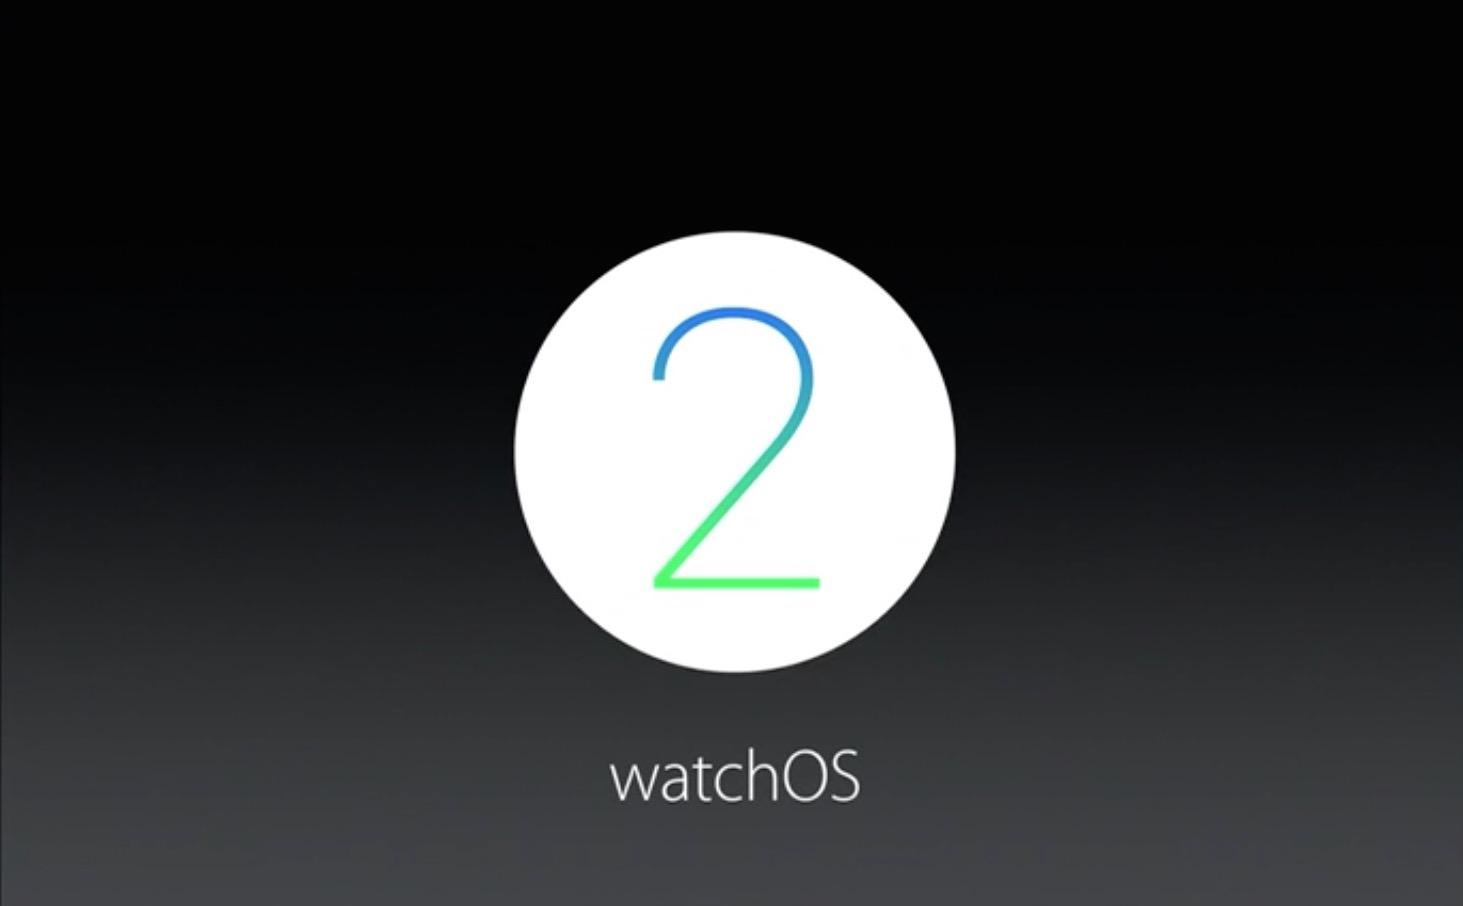 WatchOS 2ベータ版をインストールする方法